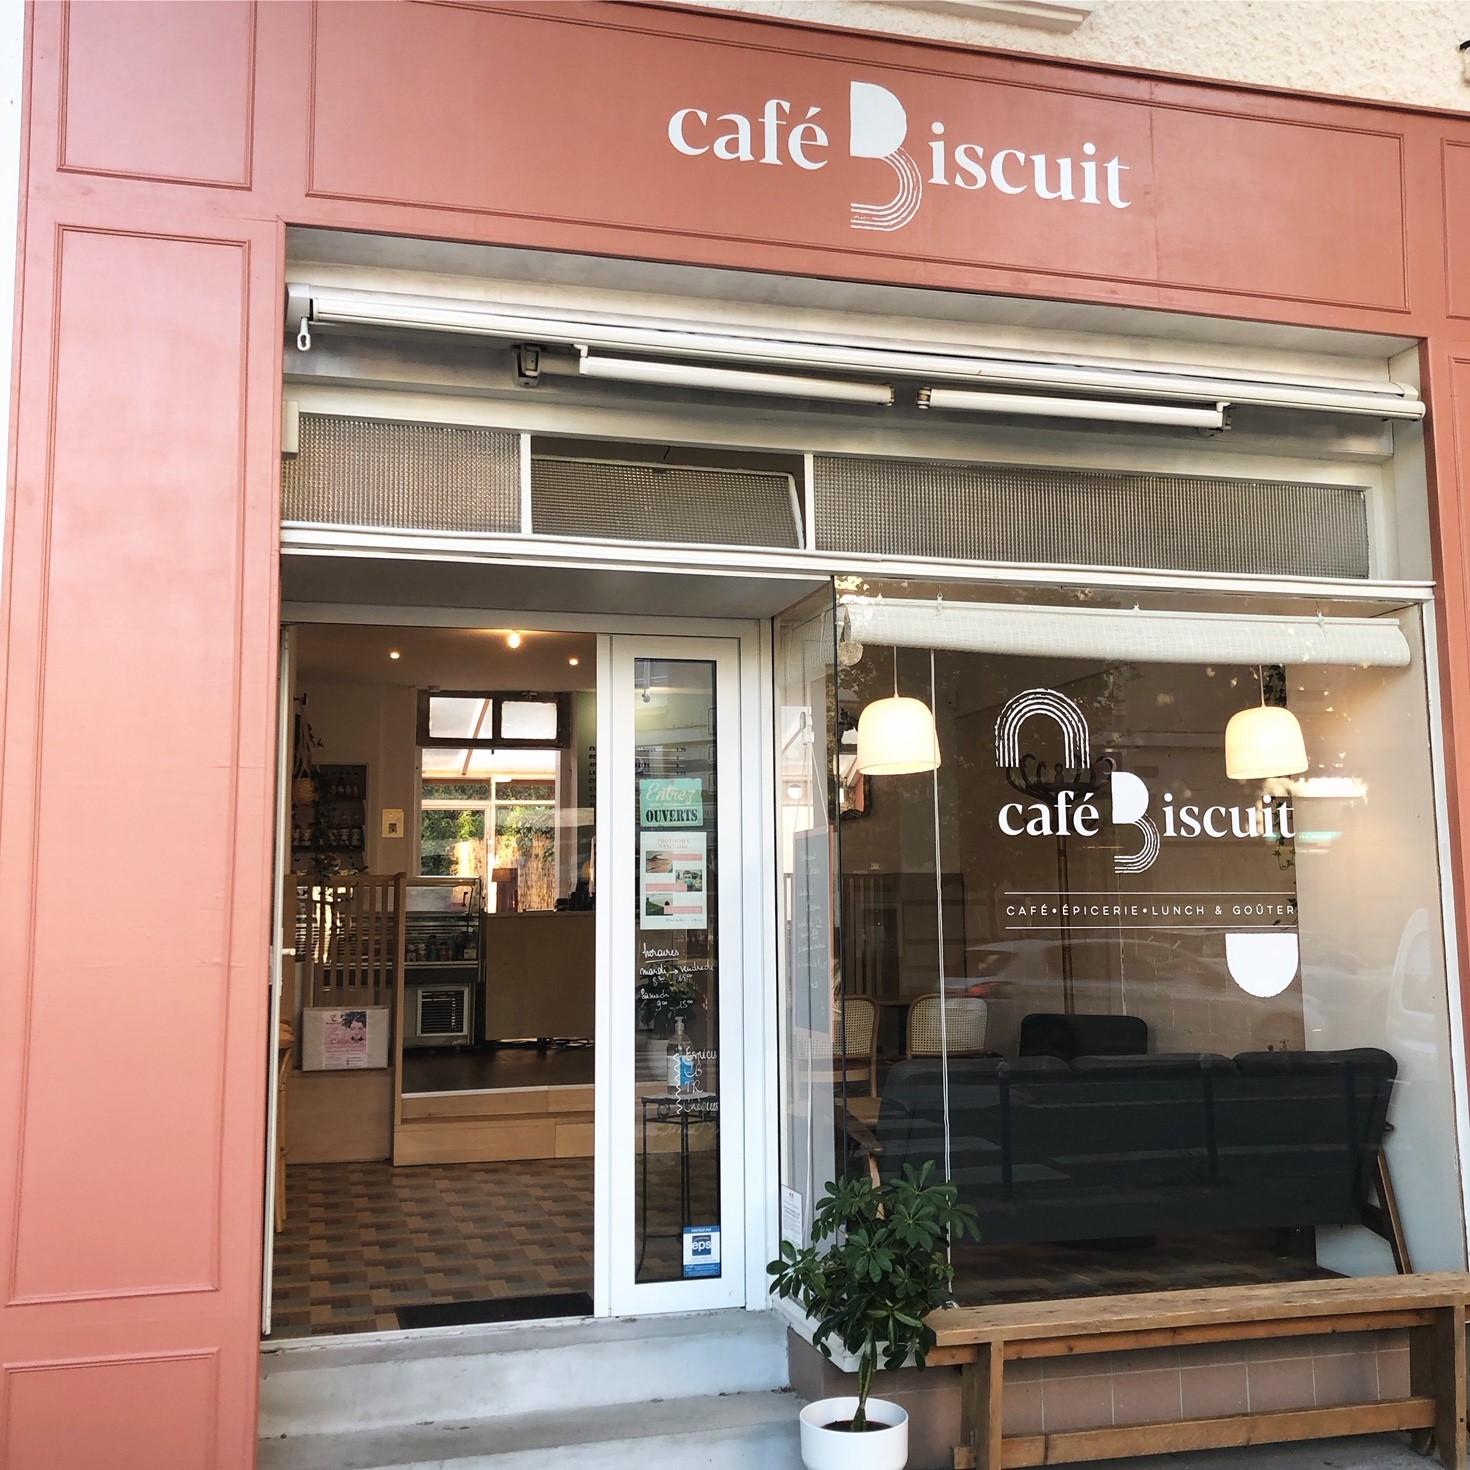 Café biscuit - Epicerie, lunch et gouter à Chantenay